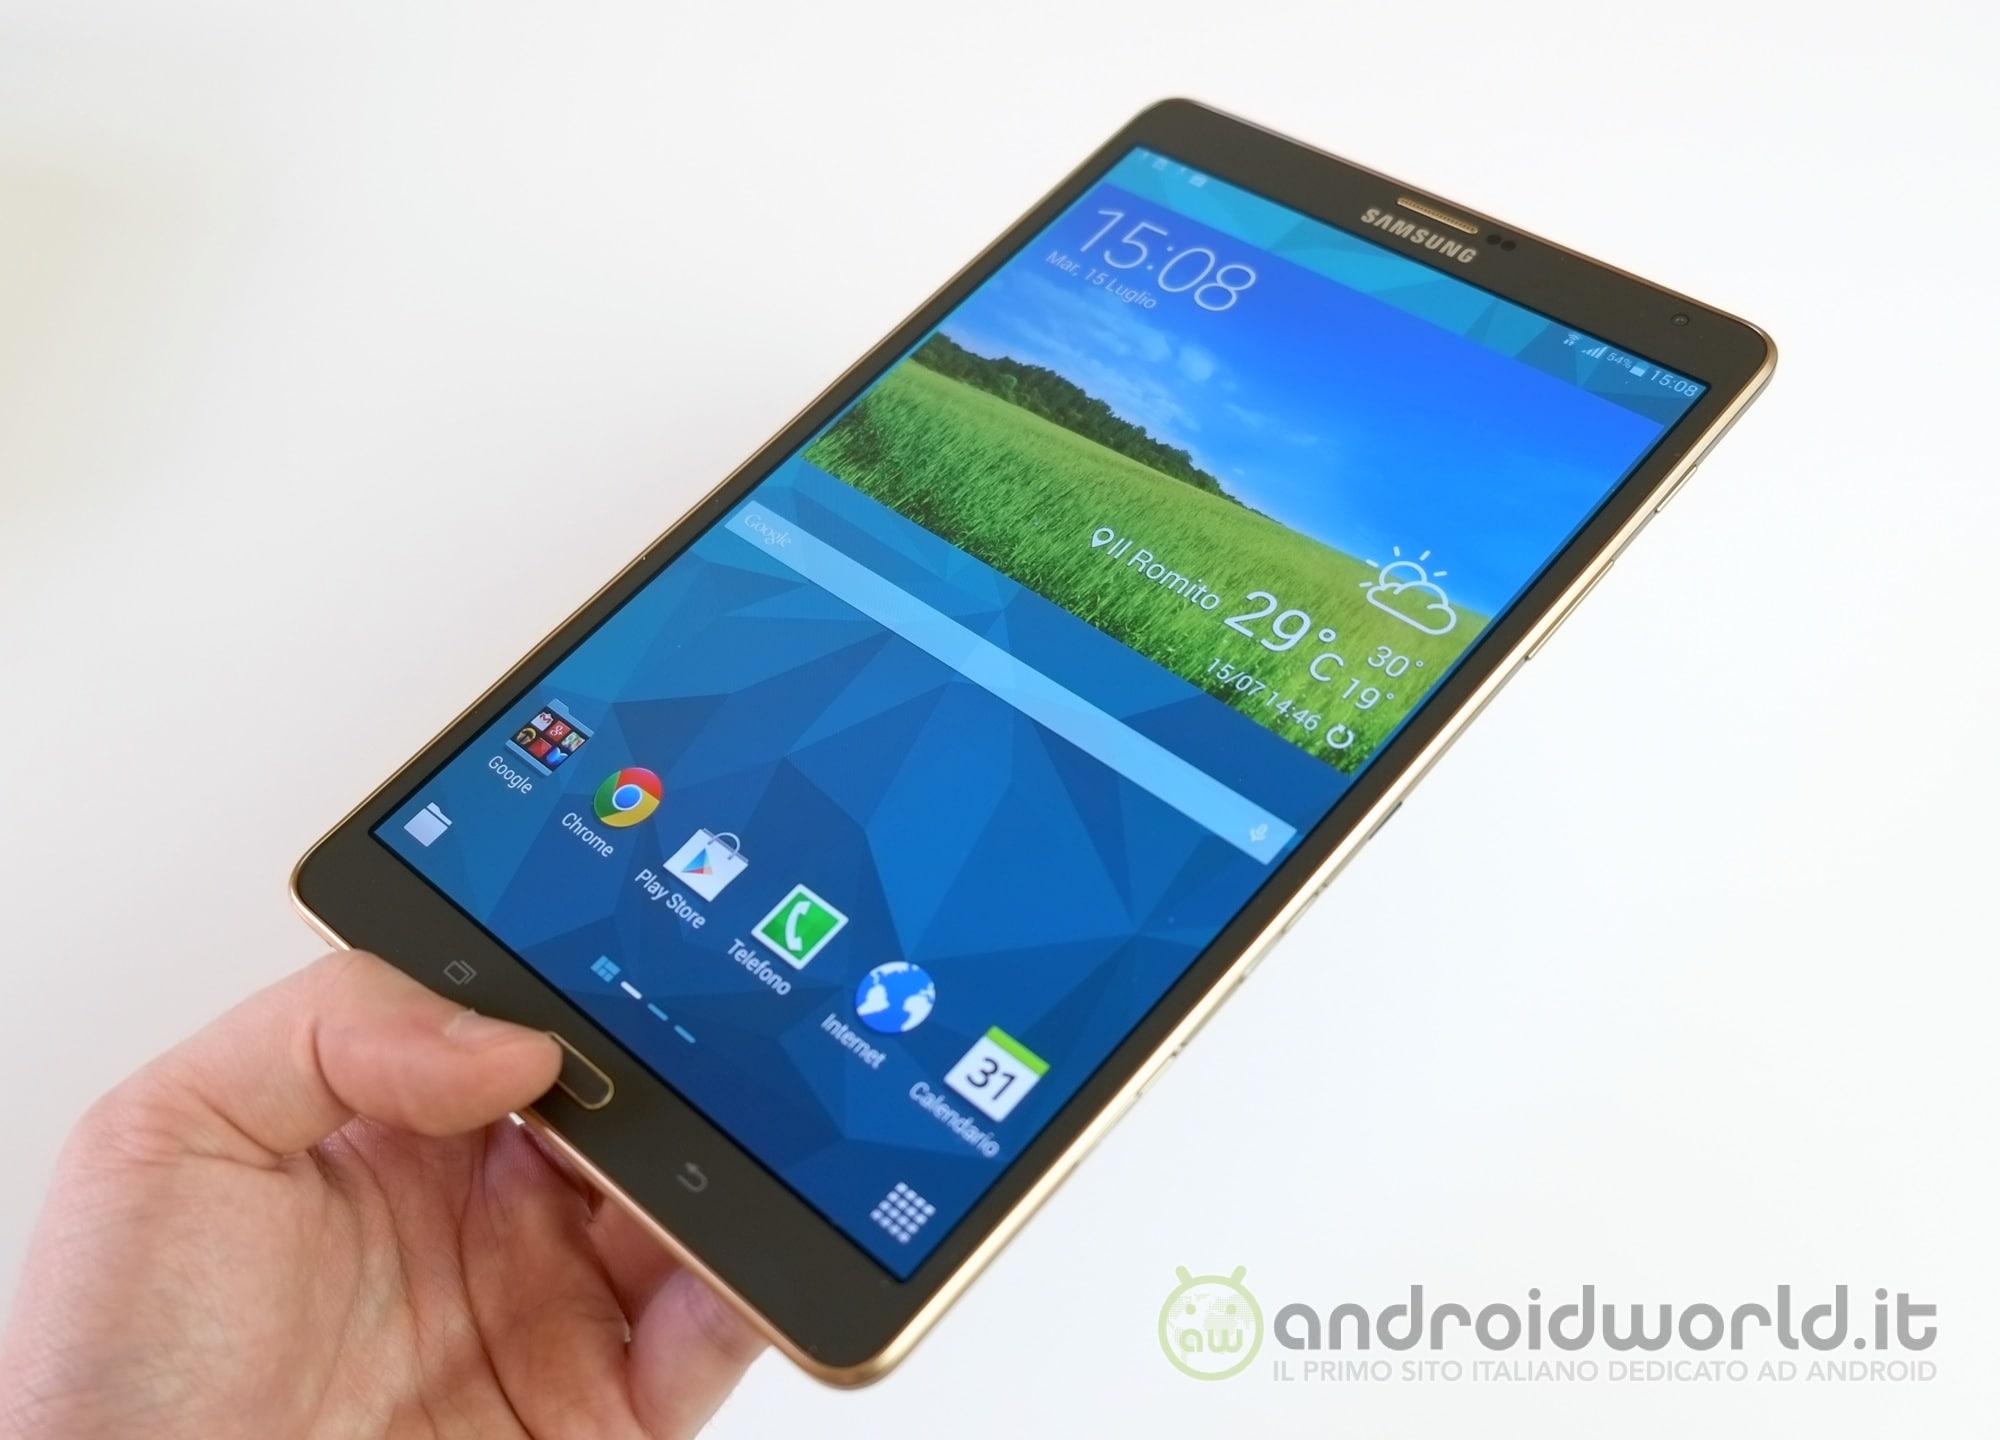 Samsung Galaxy Tab S 8.4 LTE si aggiorna a Marshmallow anche in Italia